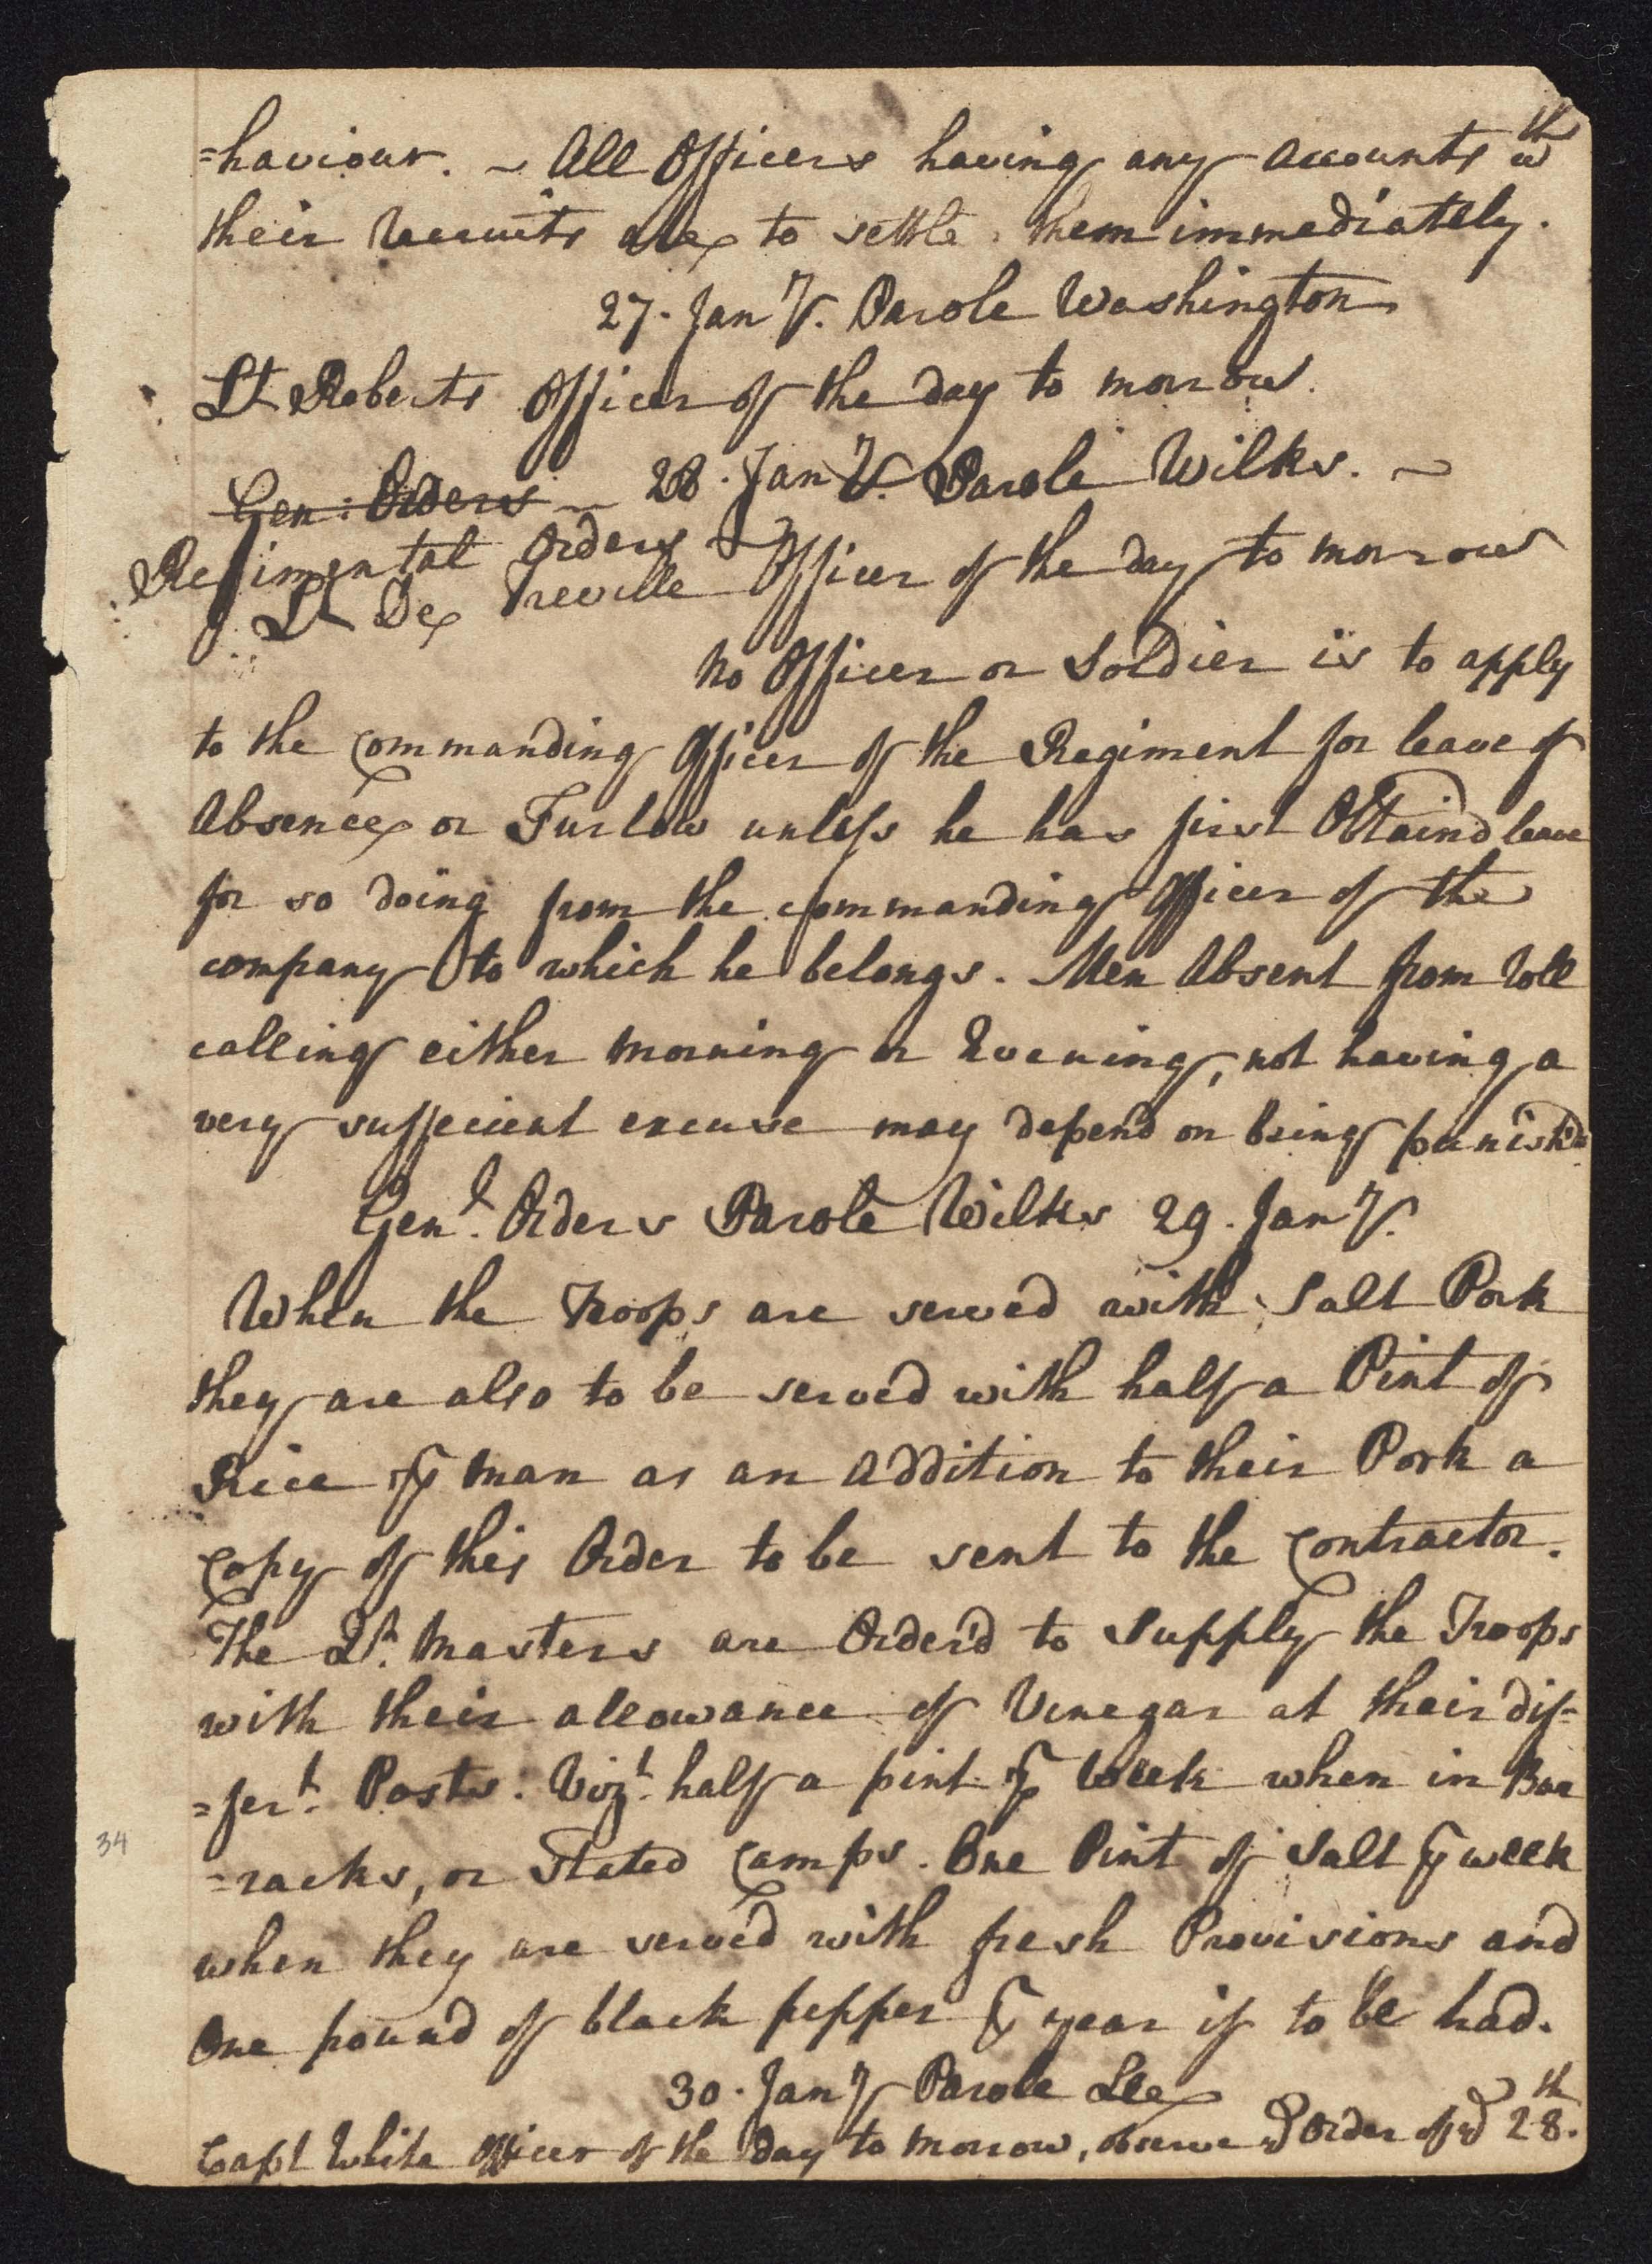 South Carolina Regiment Order Book, Page 67